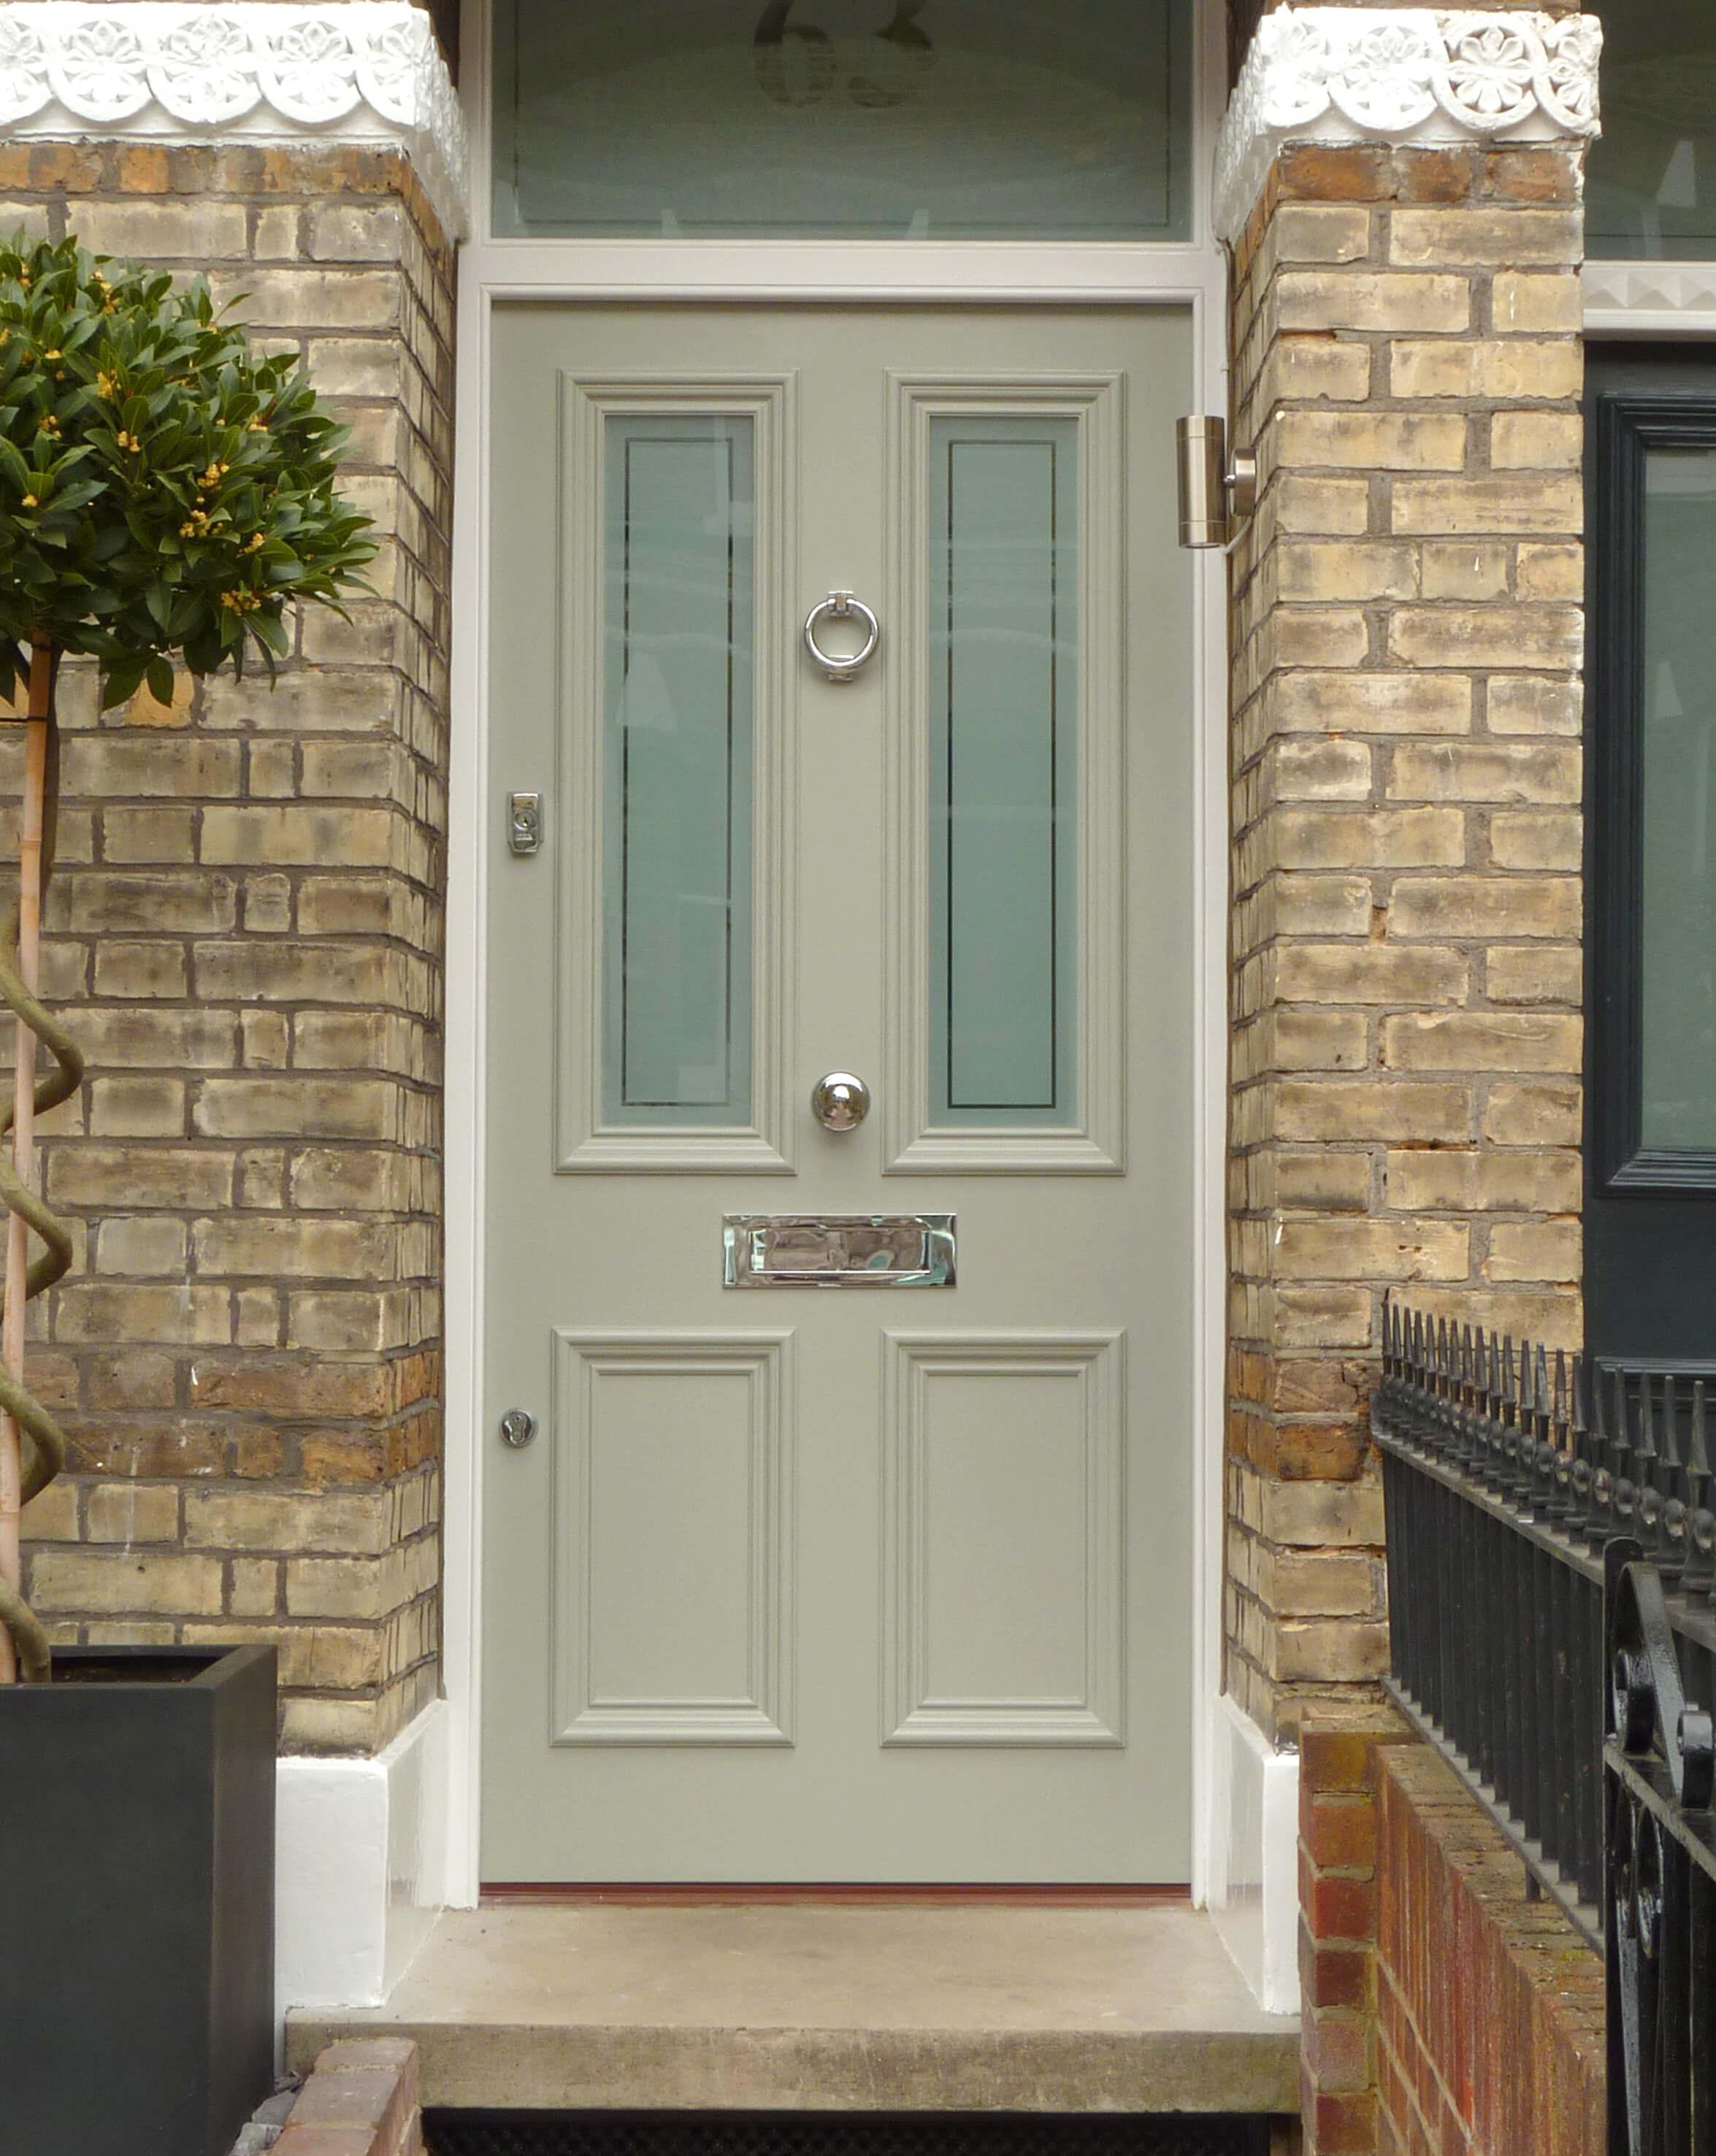 Why London Door?